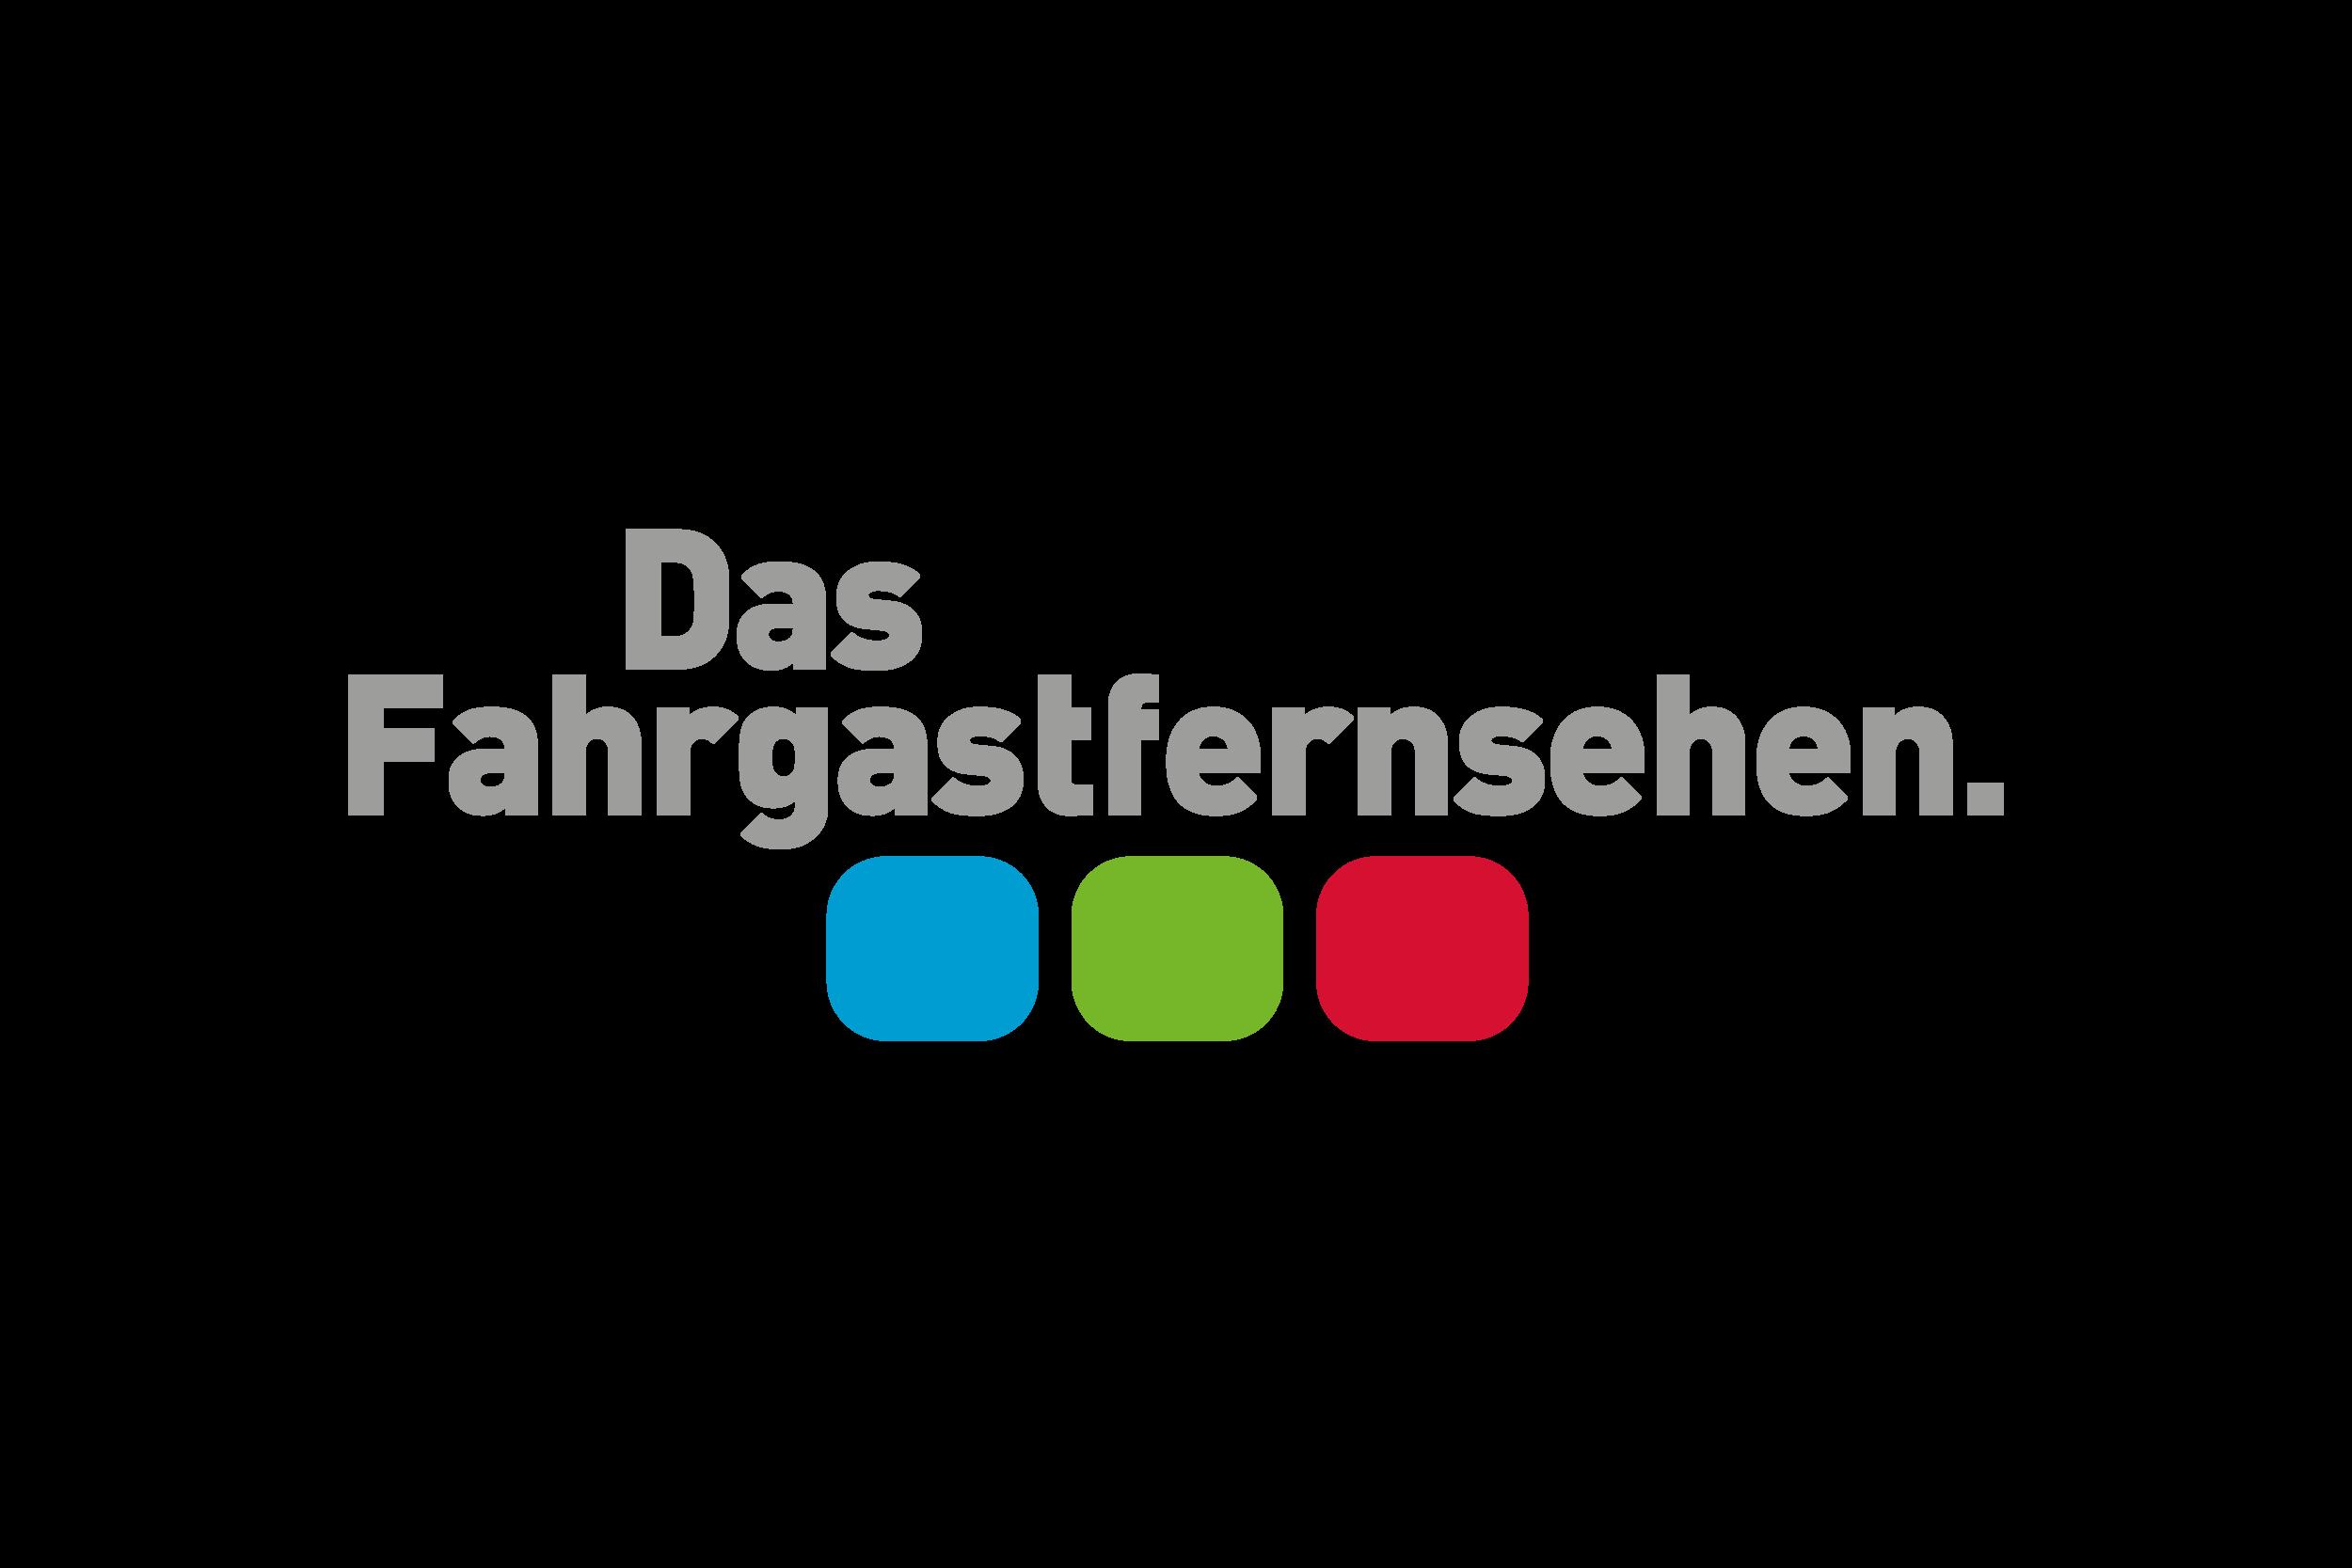 Das_Fahrgastfernsehen.png